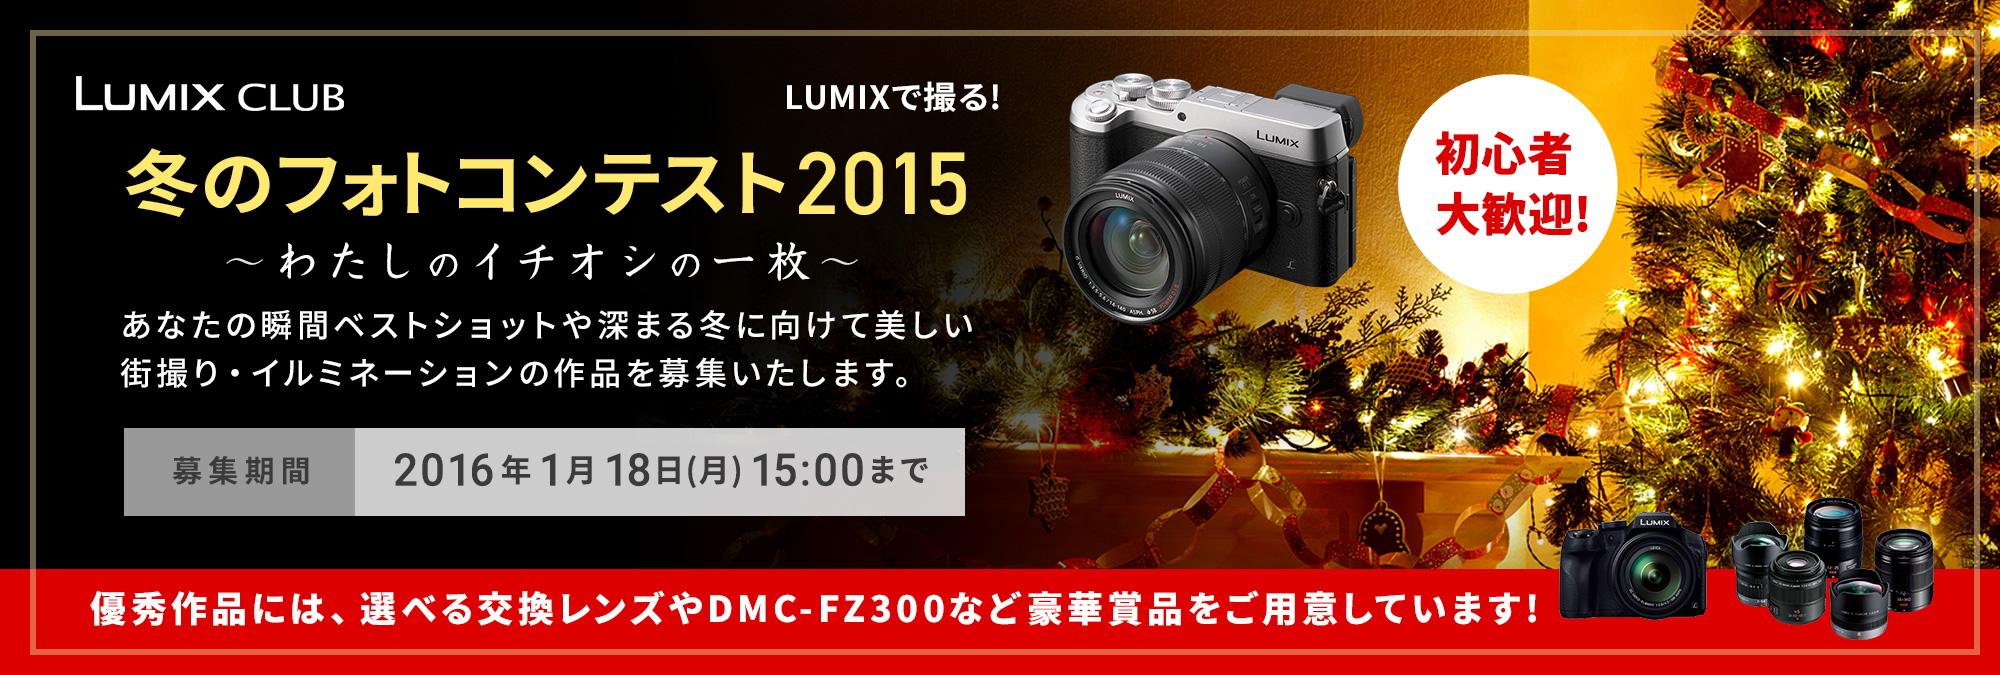 「LUMIXで撮る!冬のフォトコンテスト2015」開催